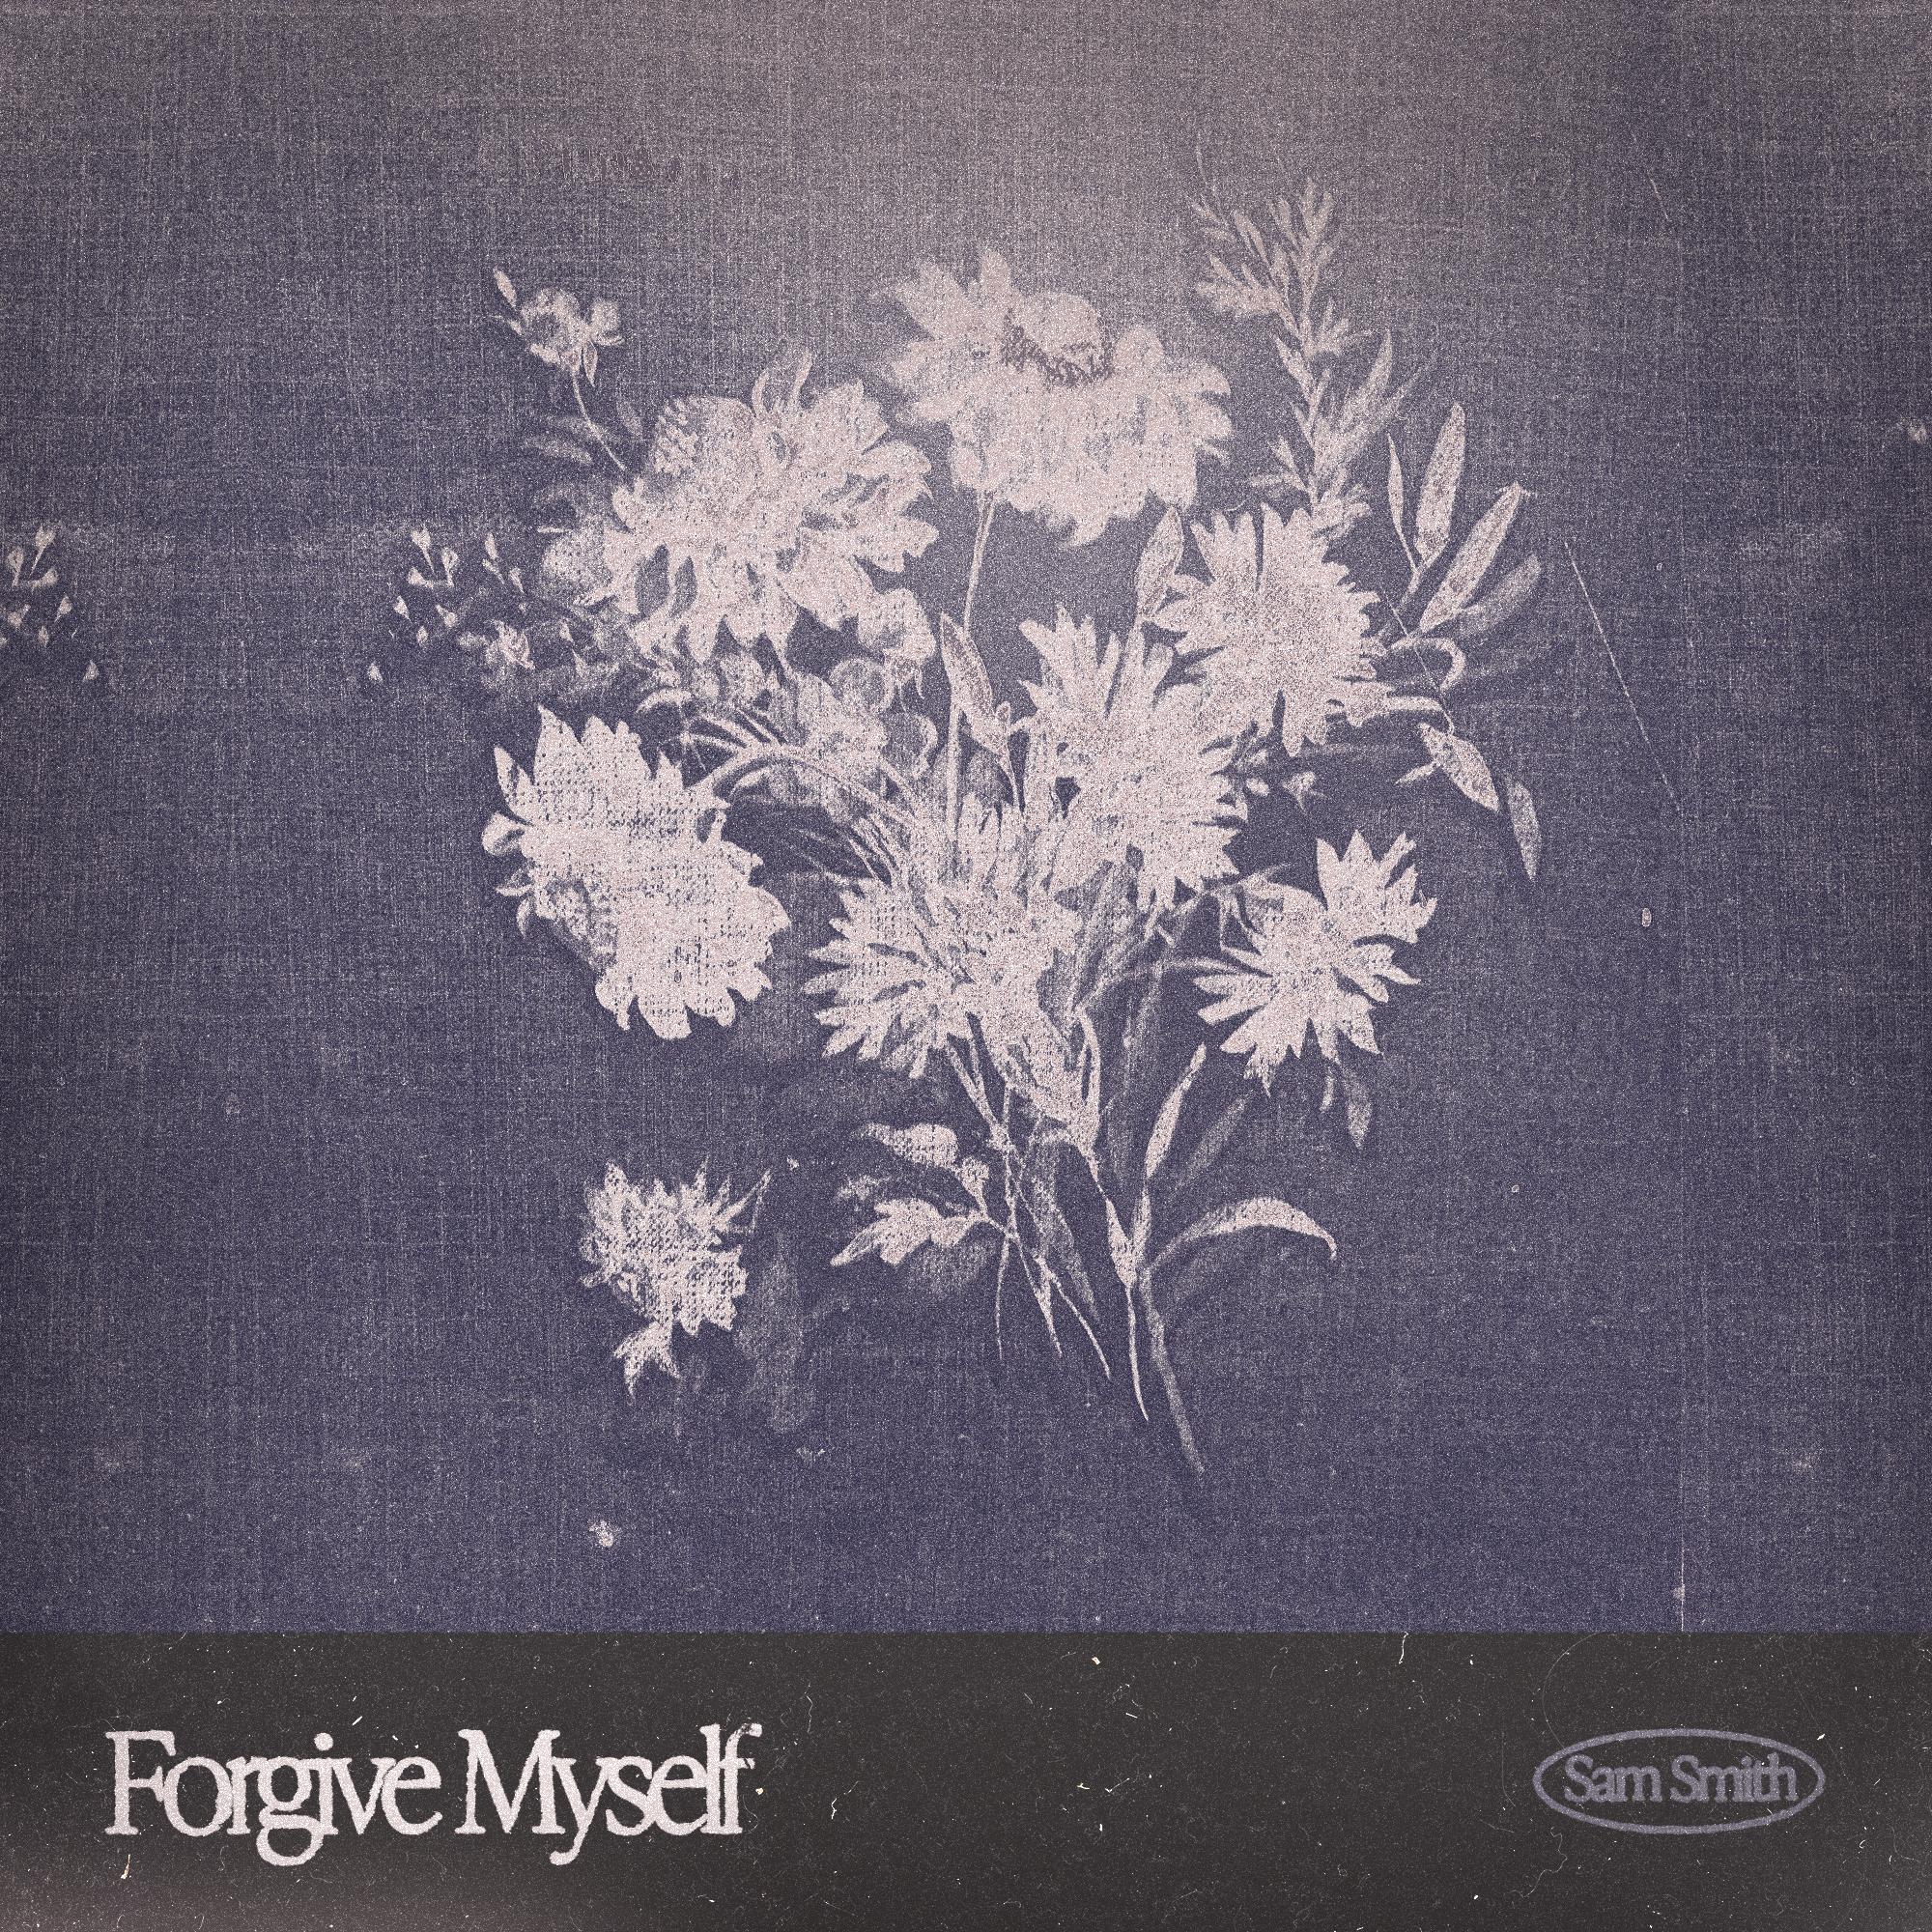 Forgive myself – Sam Smith